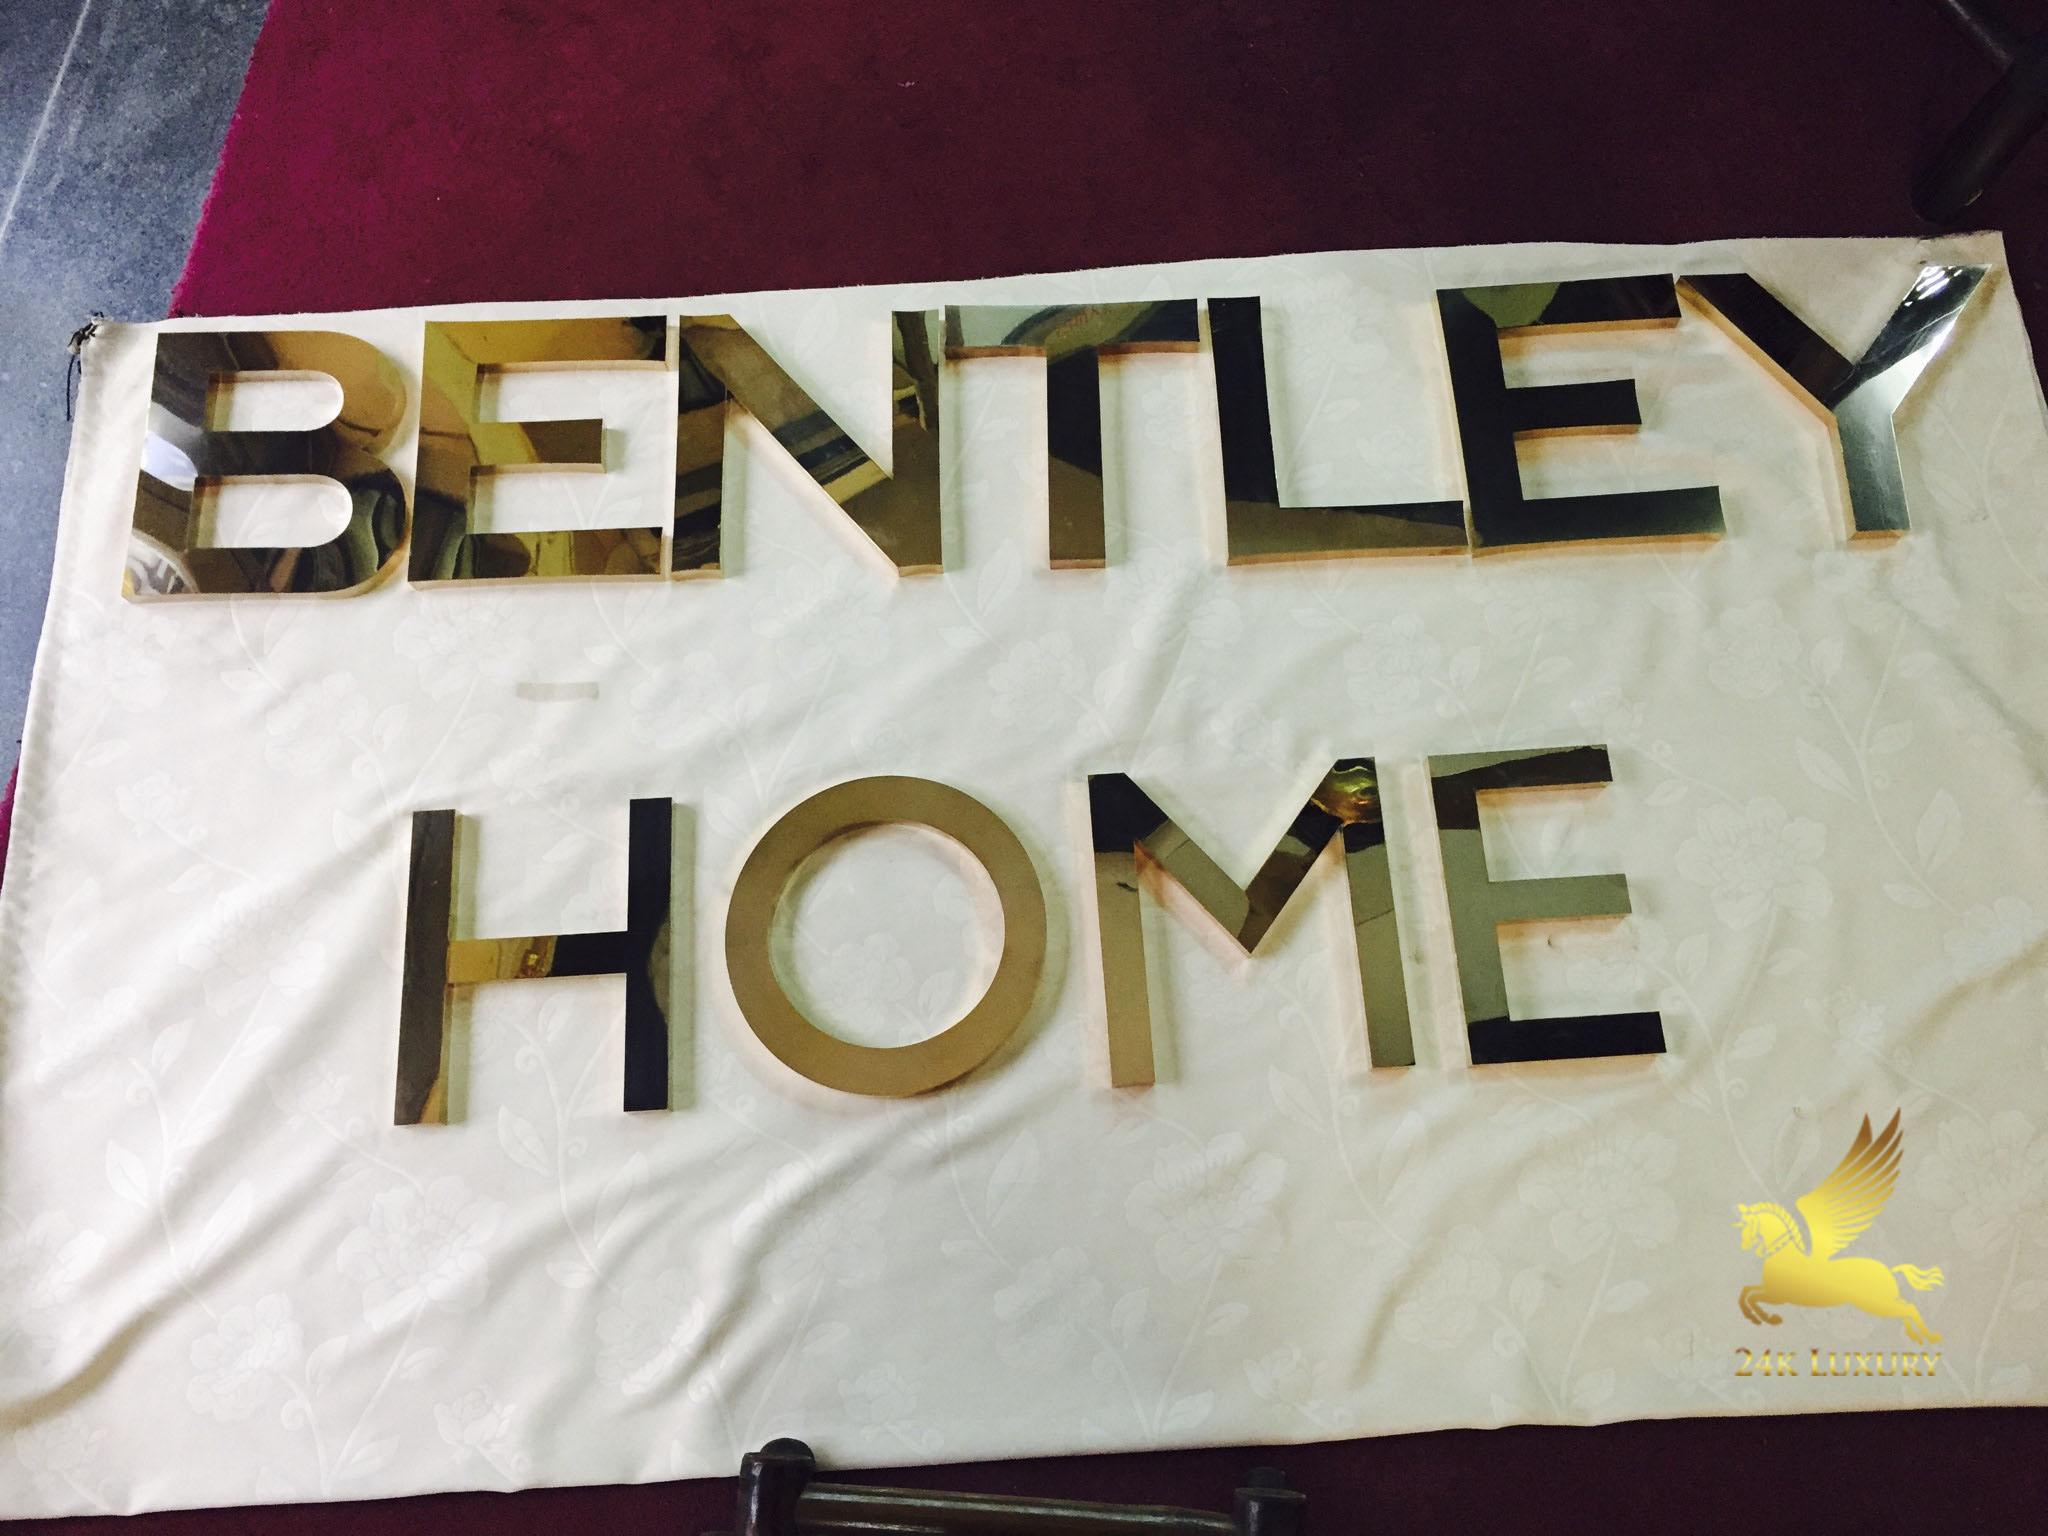 Bộ chữ Bentley Home sau khi được mạ vàng 24k